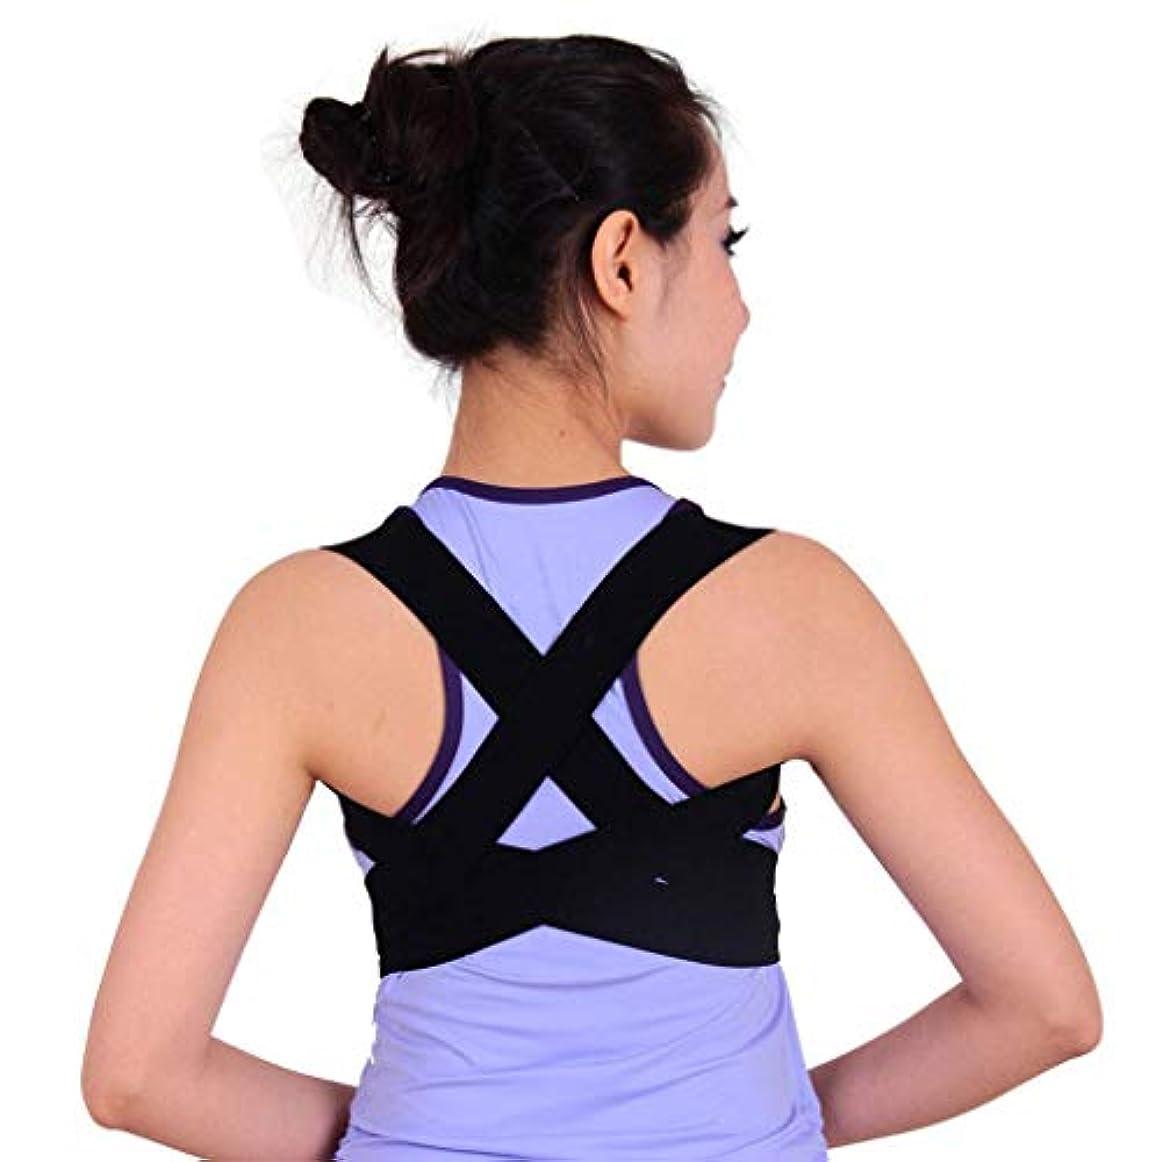 音節凝視仕様ザトウ矯正装具、背部脊椎矯正装具による目に見えない姿勢矯正 - ユニセックス(サイズ:M)